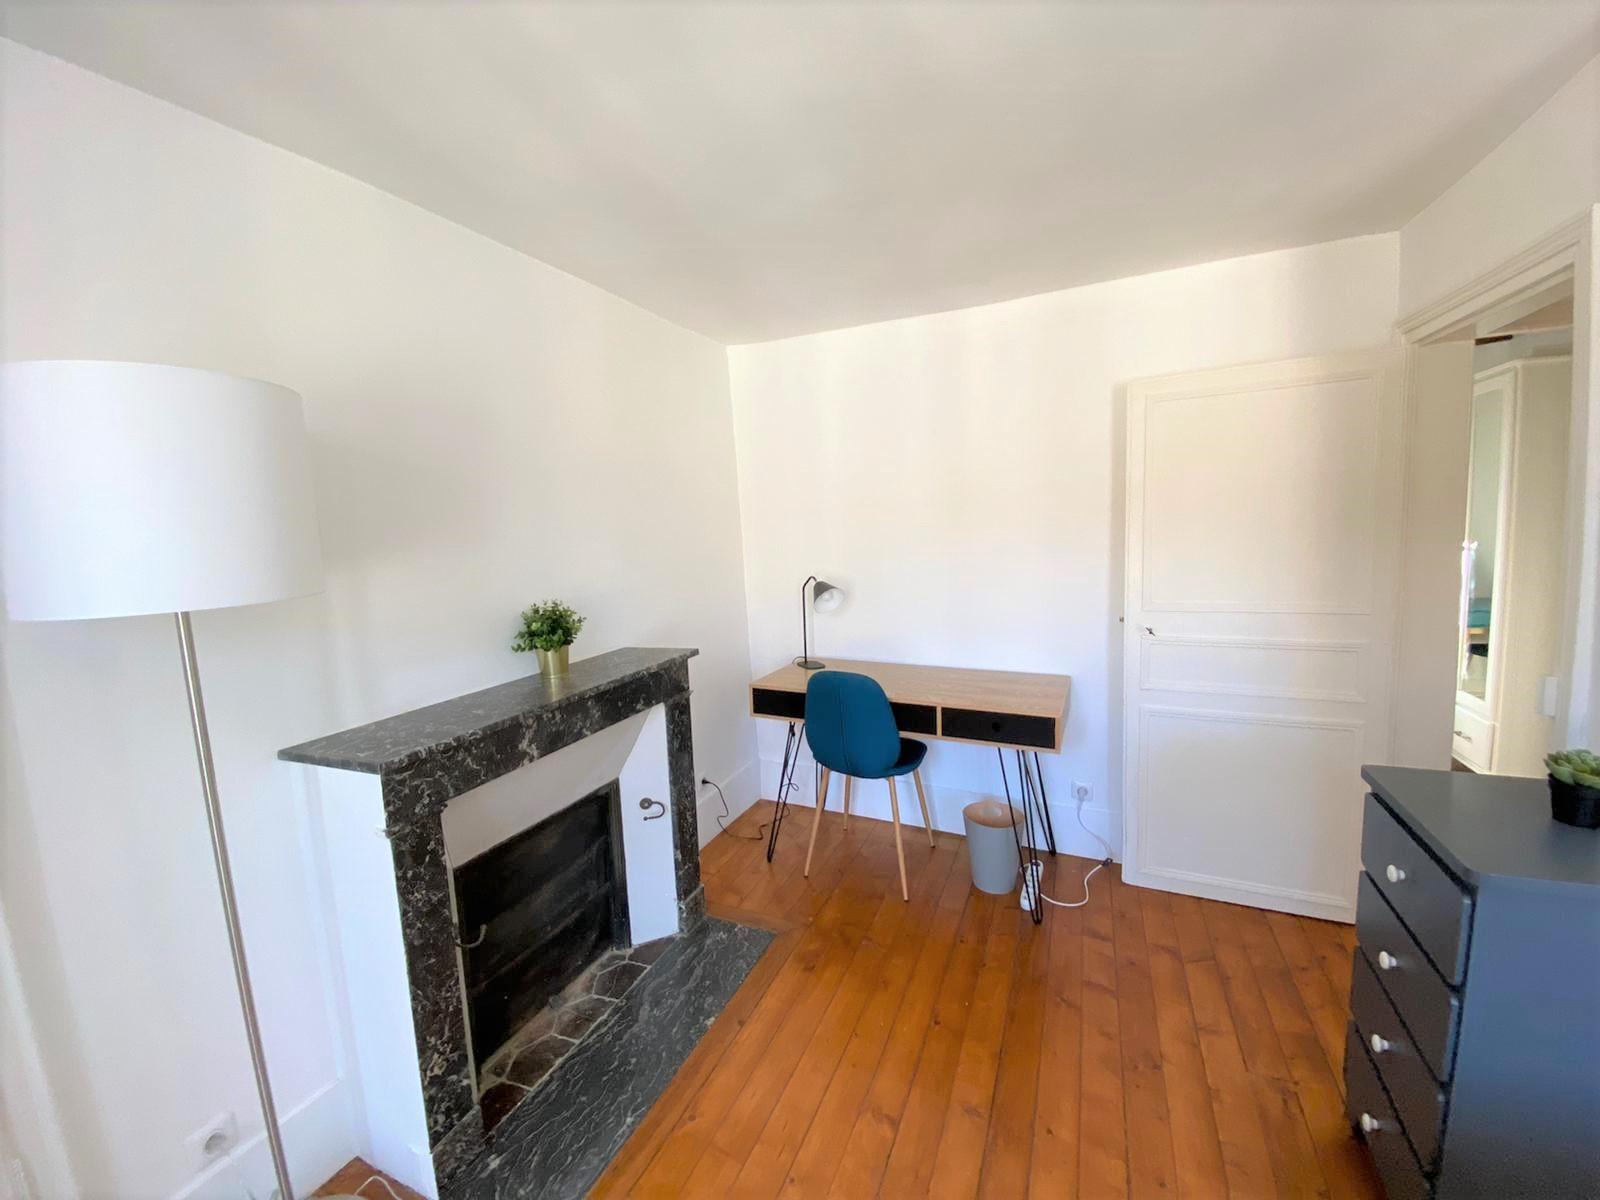 Bedroom 2 Insead MBA housing rental